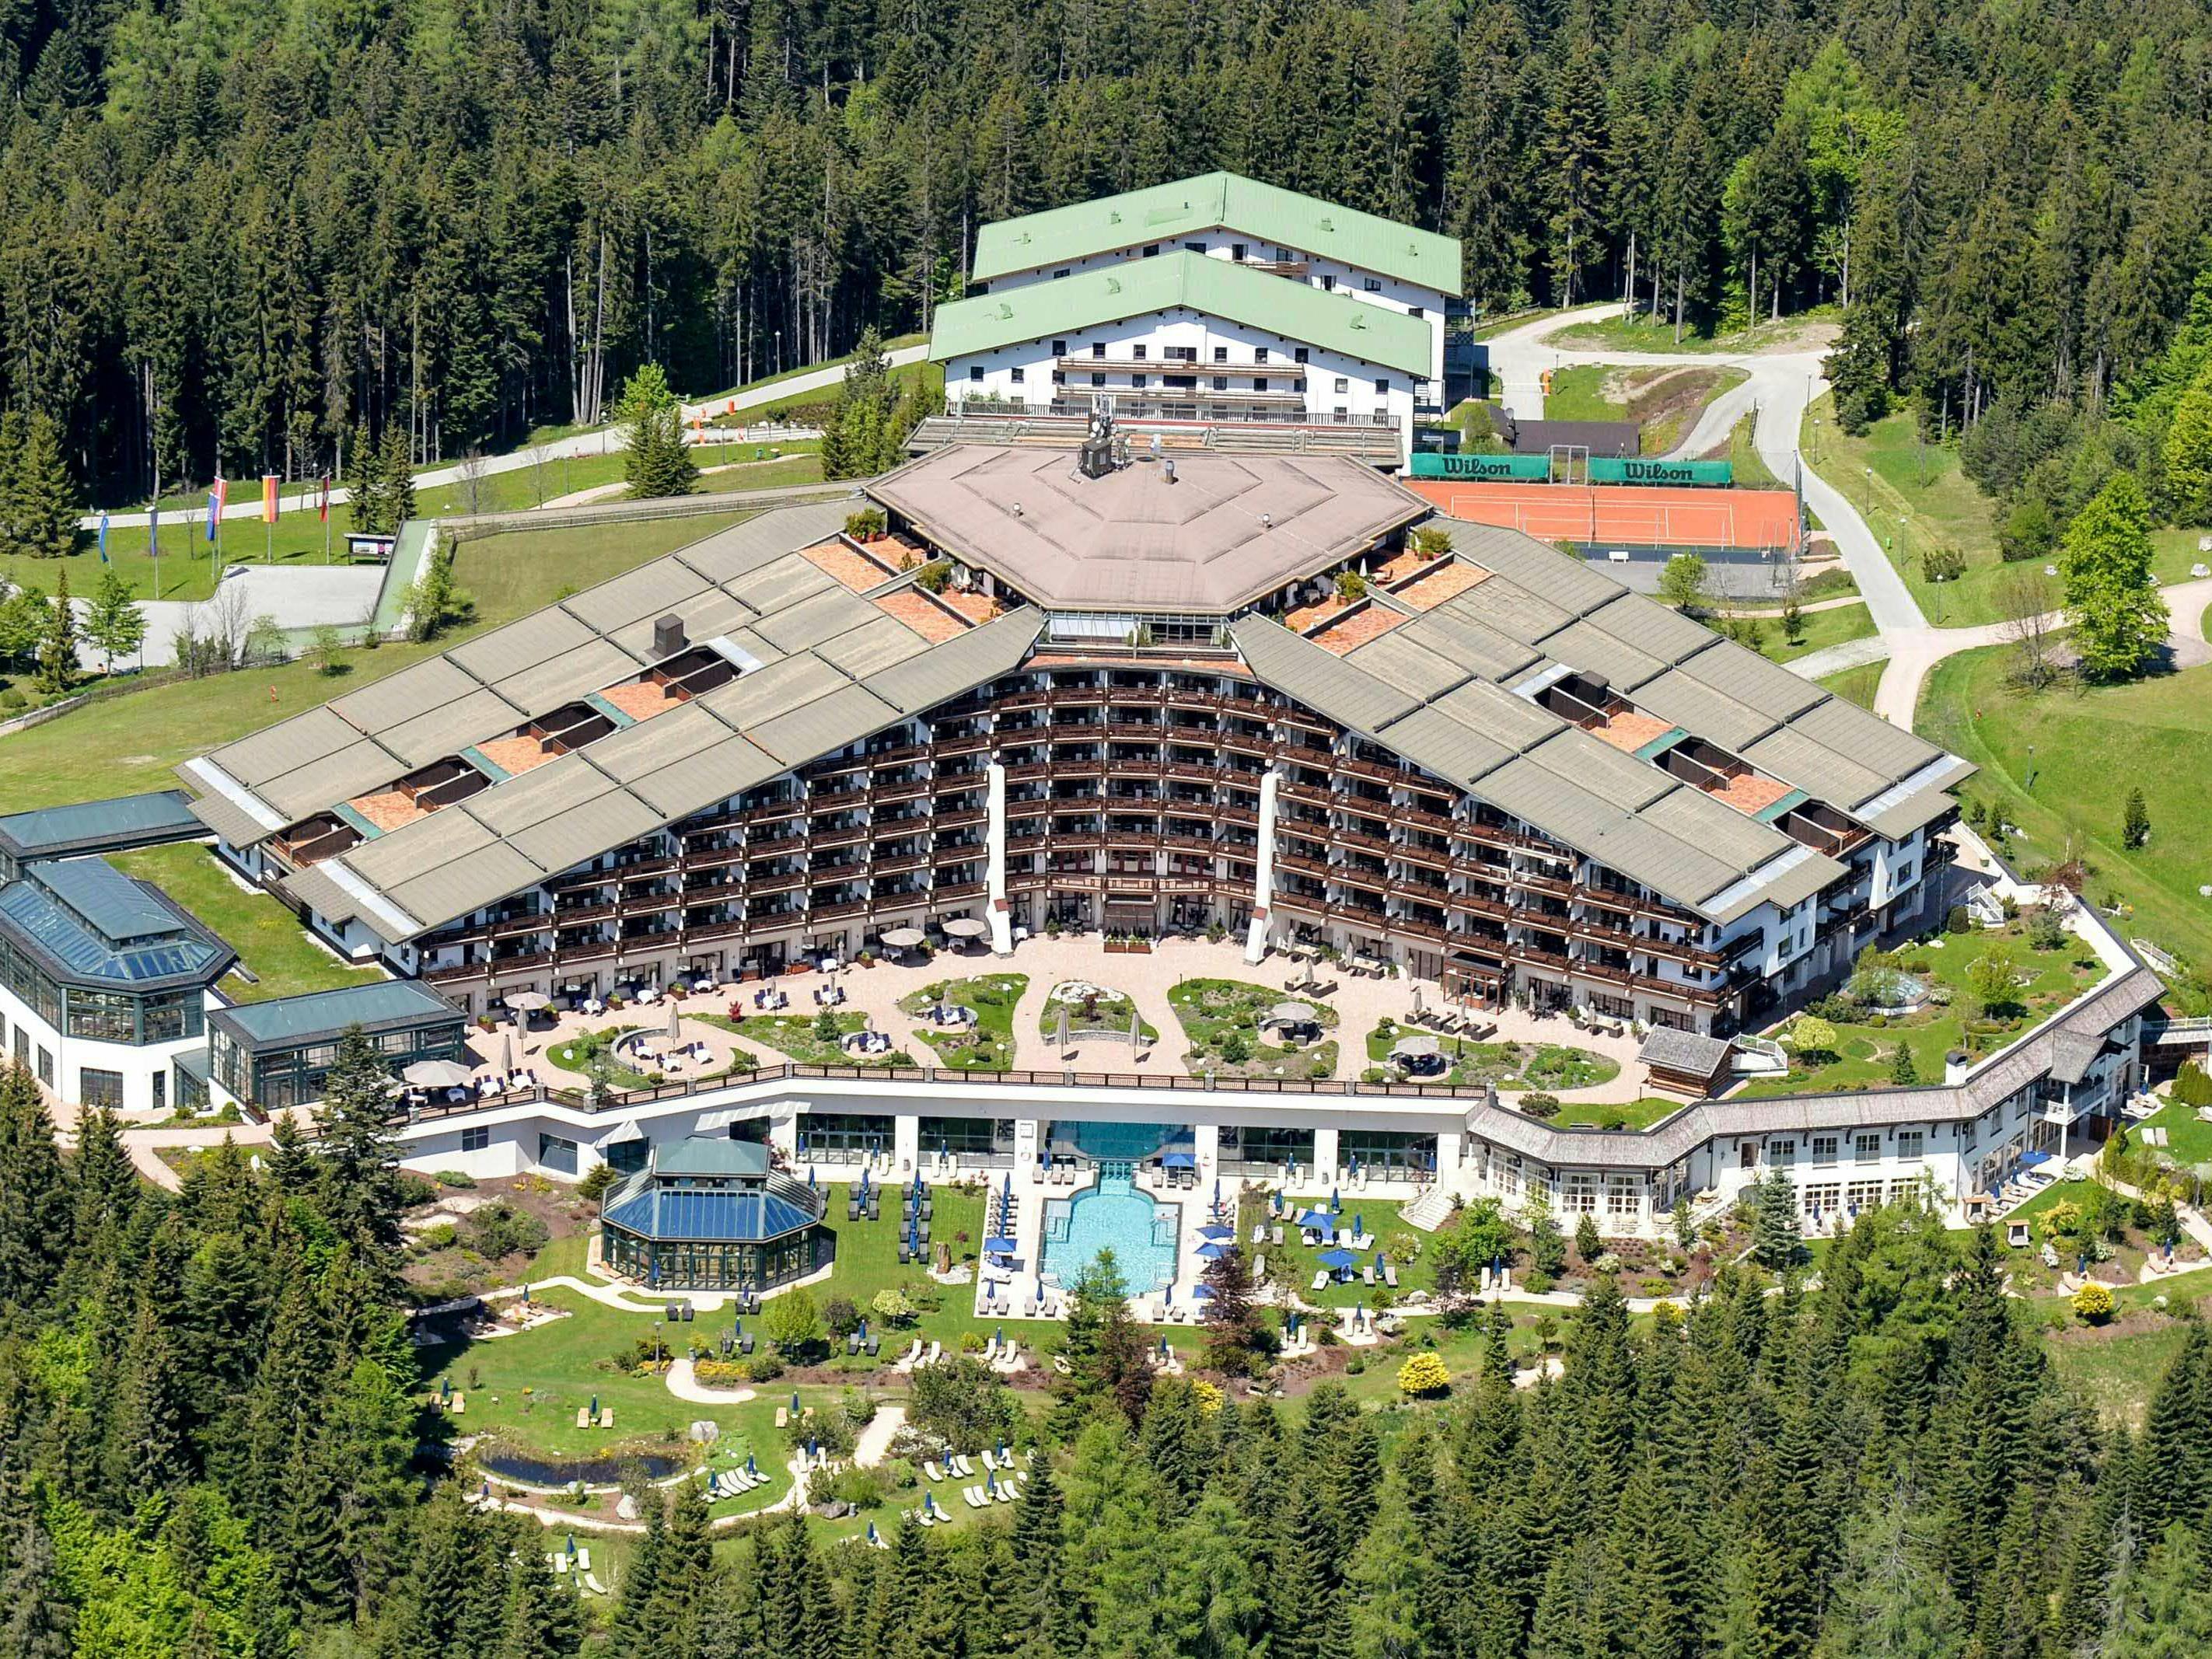 Tagunsort der 63. Bilderberg-Konferenz: das Hotel Interalpen Tyrol in Telfs.